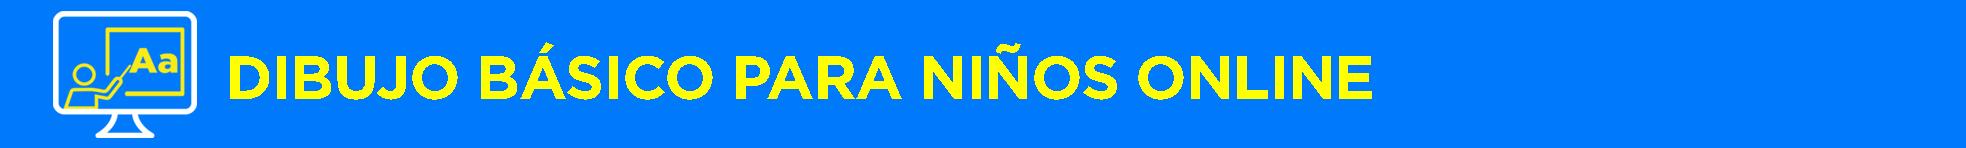 Banner título Dibujo básico para niños 2 Online